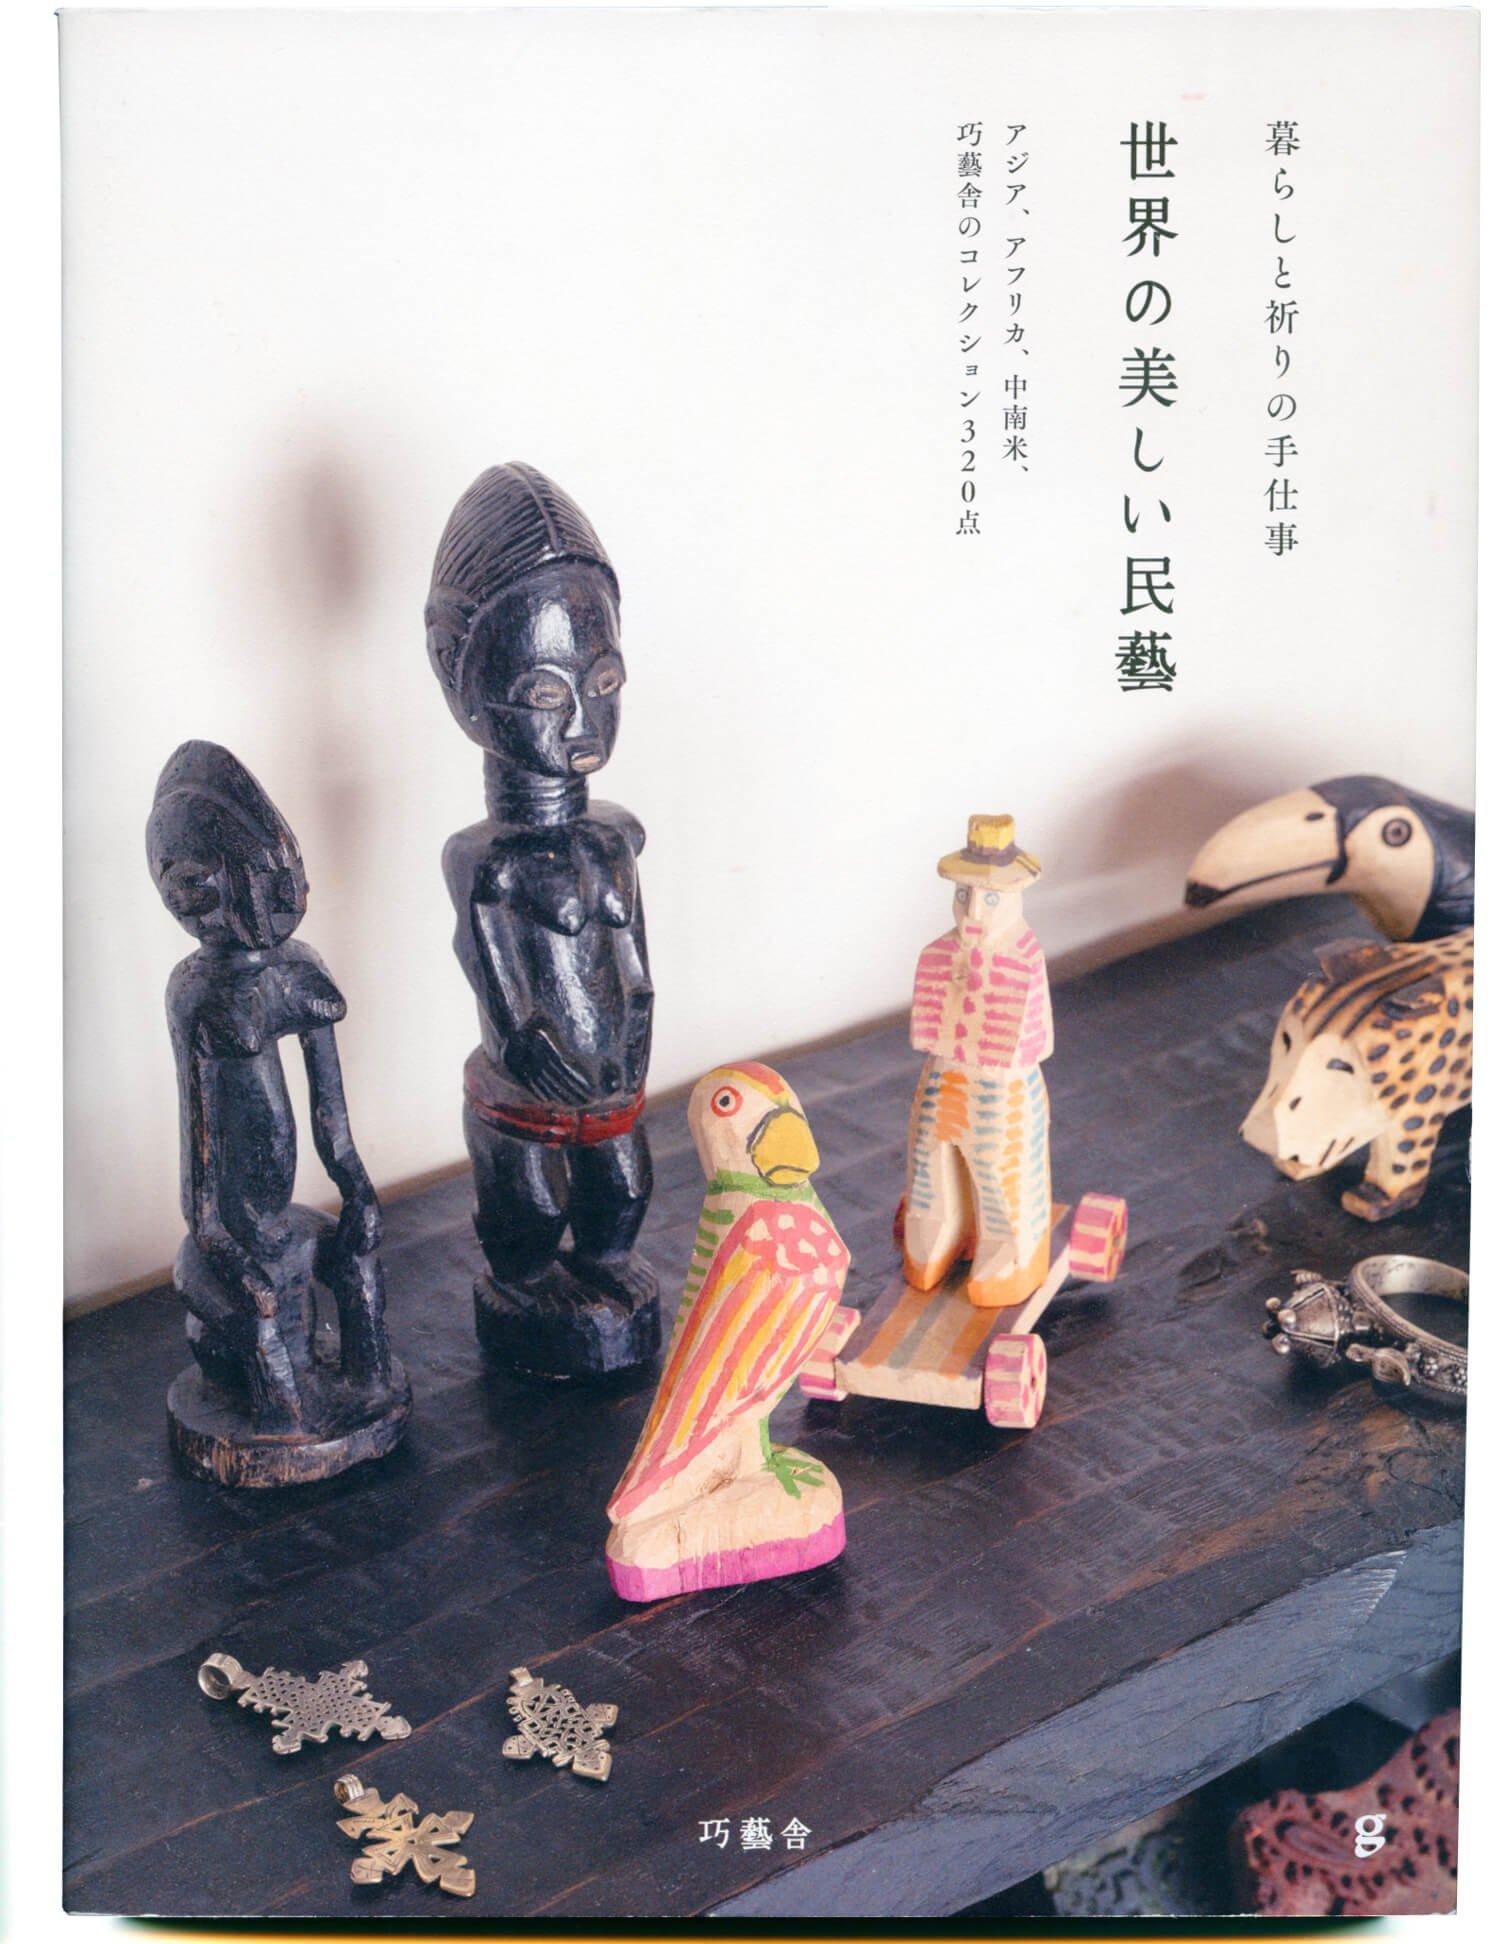 巧藝舎 著/ グラフィック社/ 2200円+税